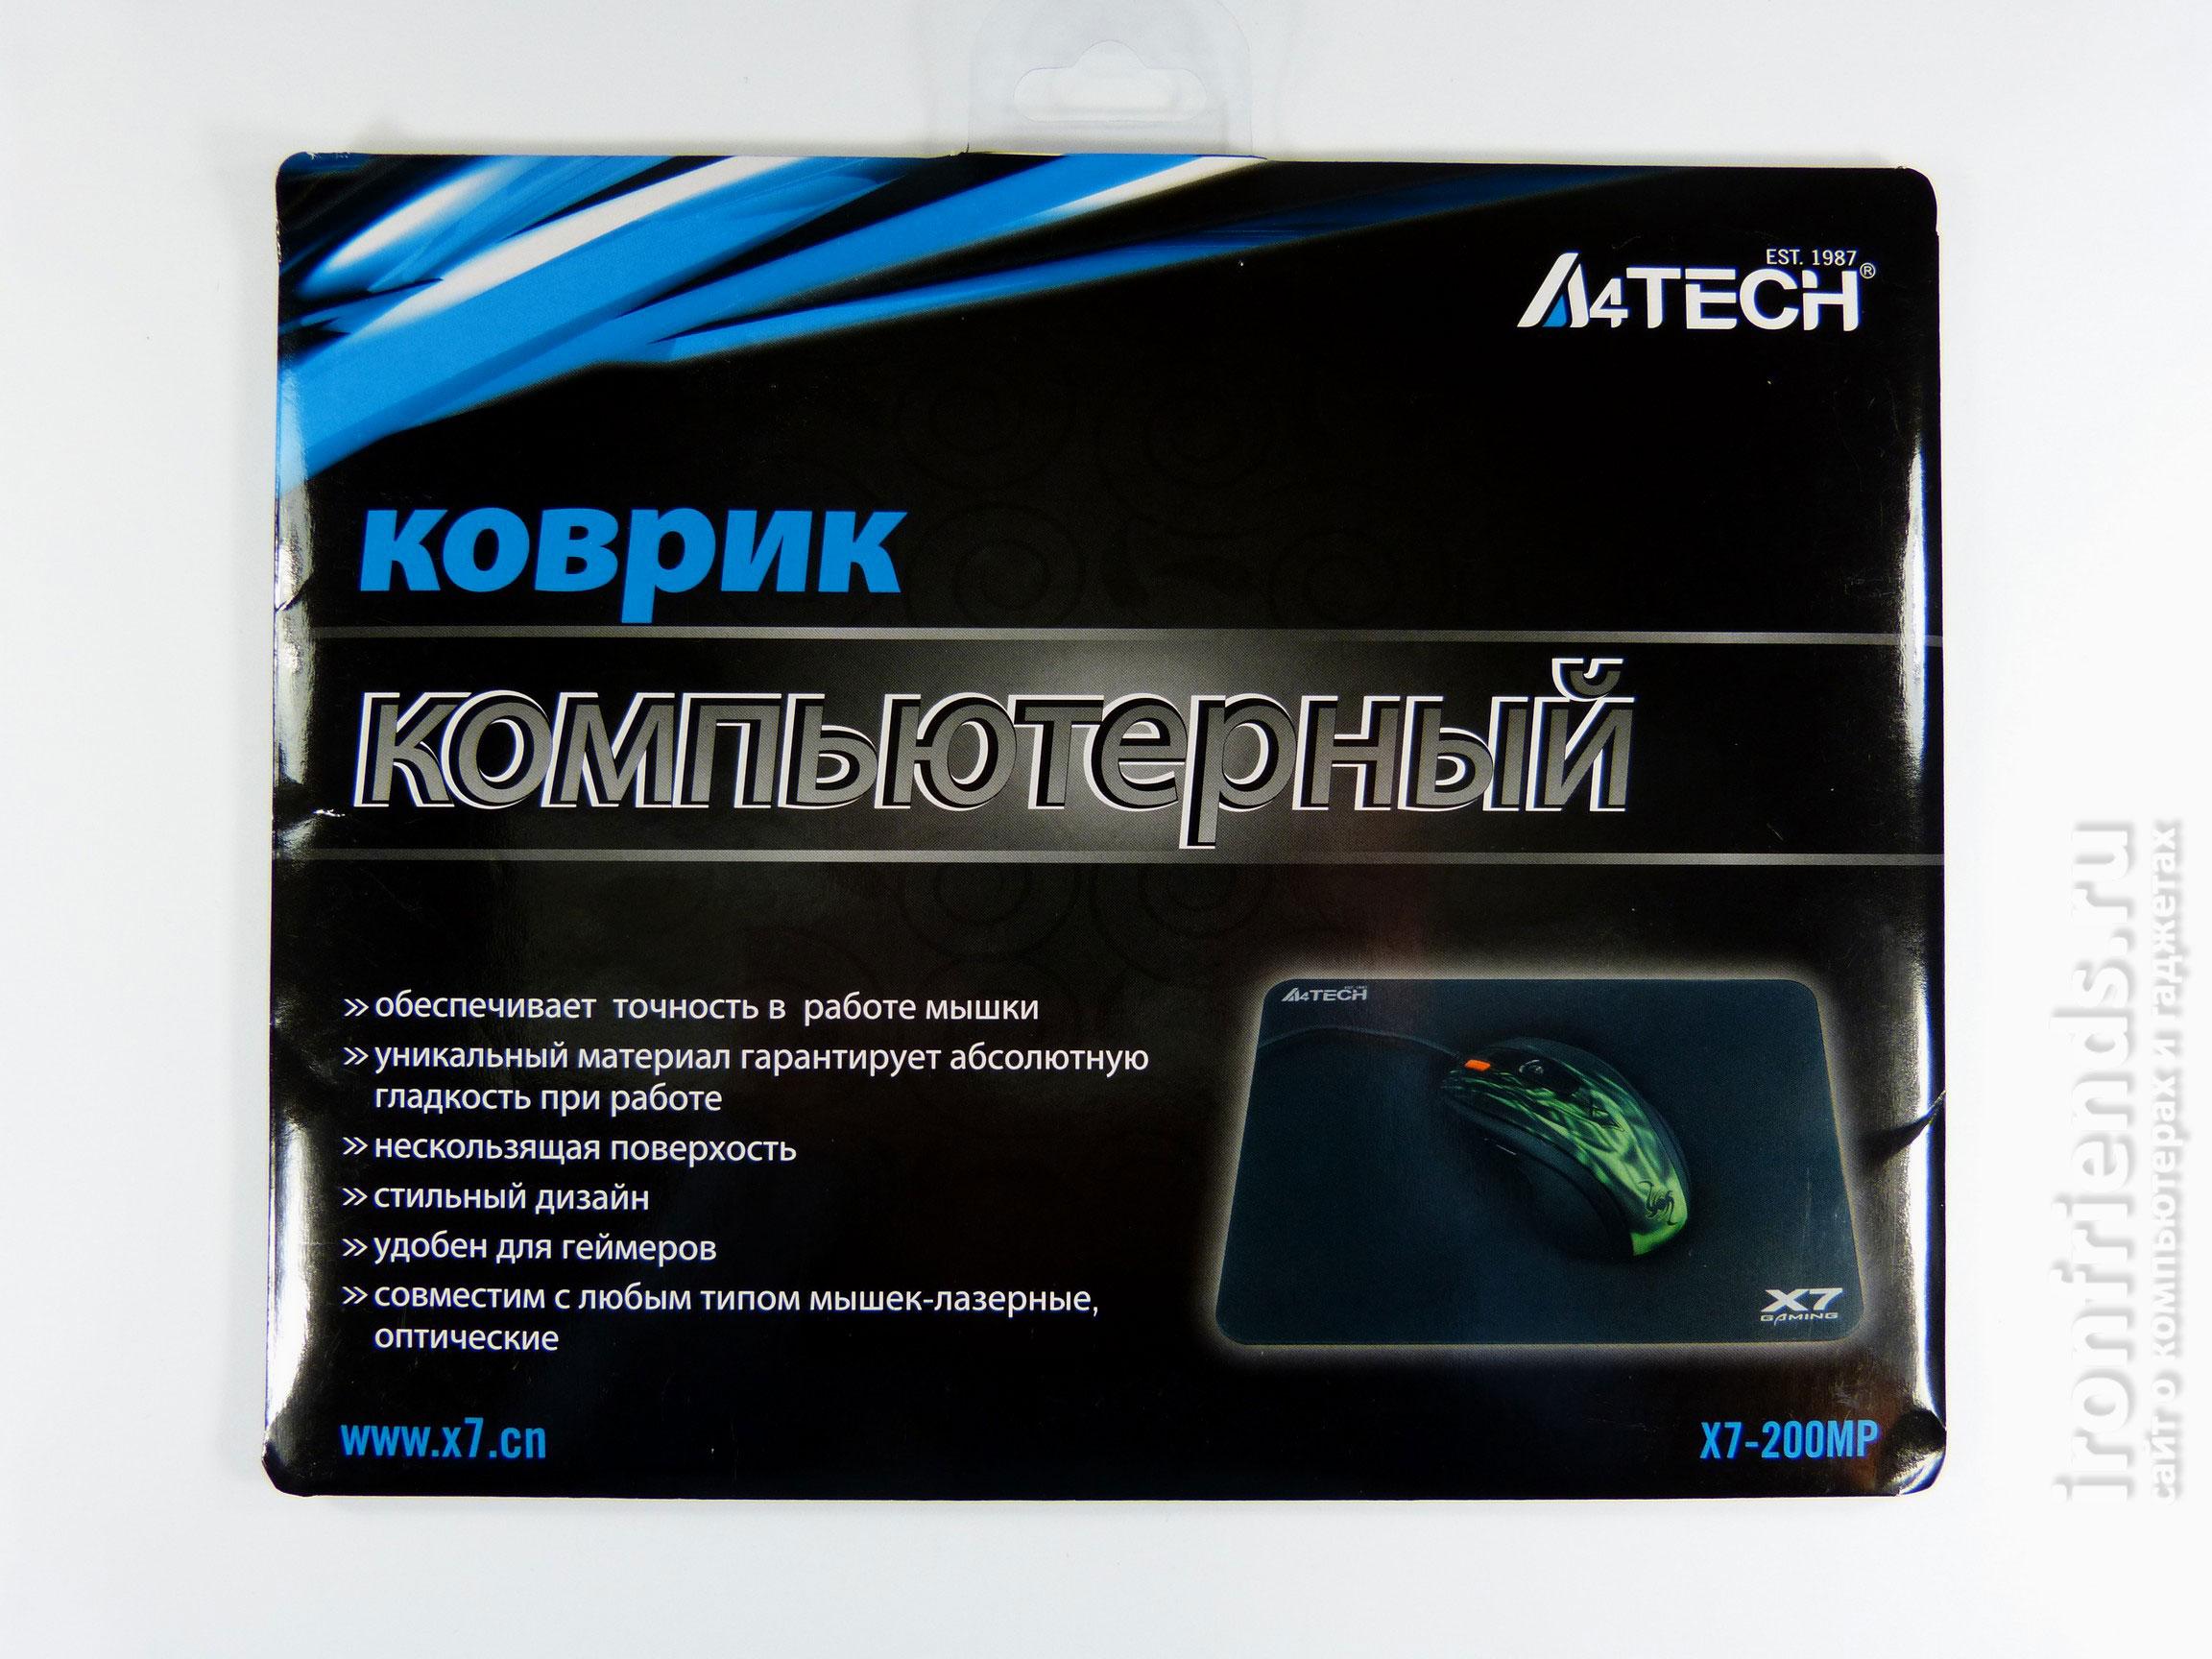 Упаковка A4Tech X7-200MP